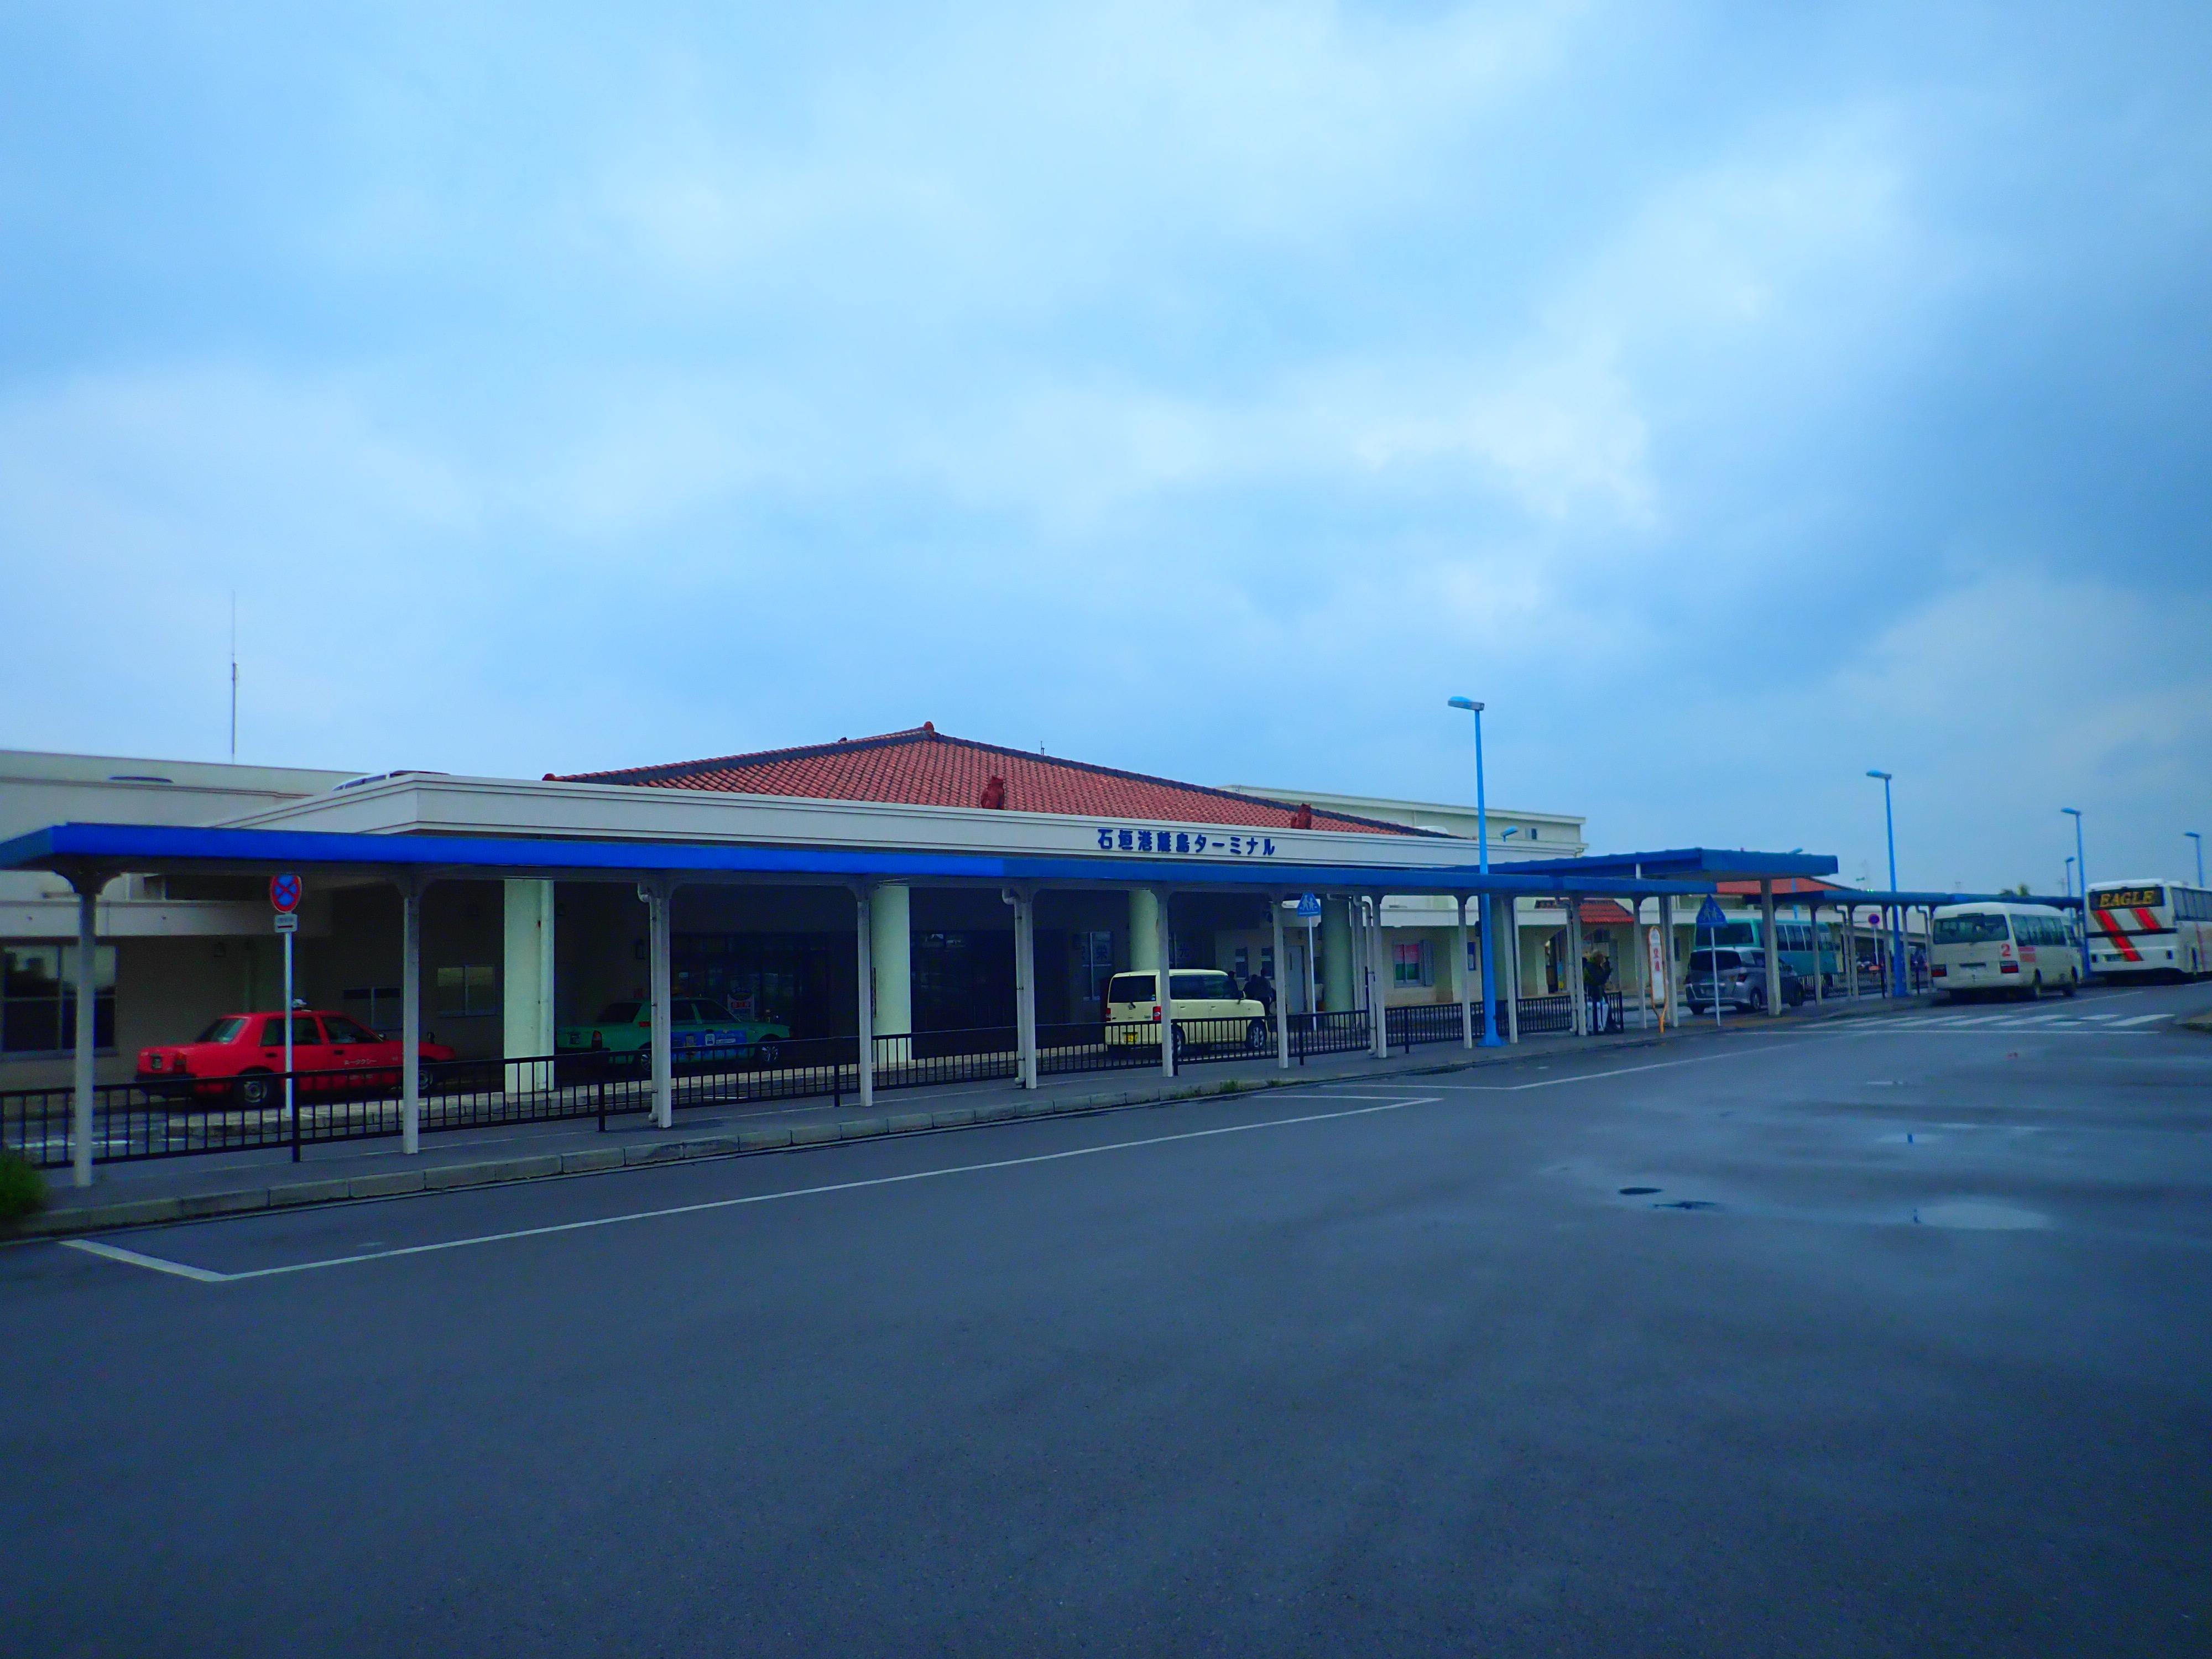 石垣島港離島ターミナル正面玄関